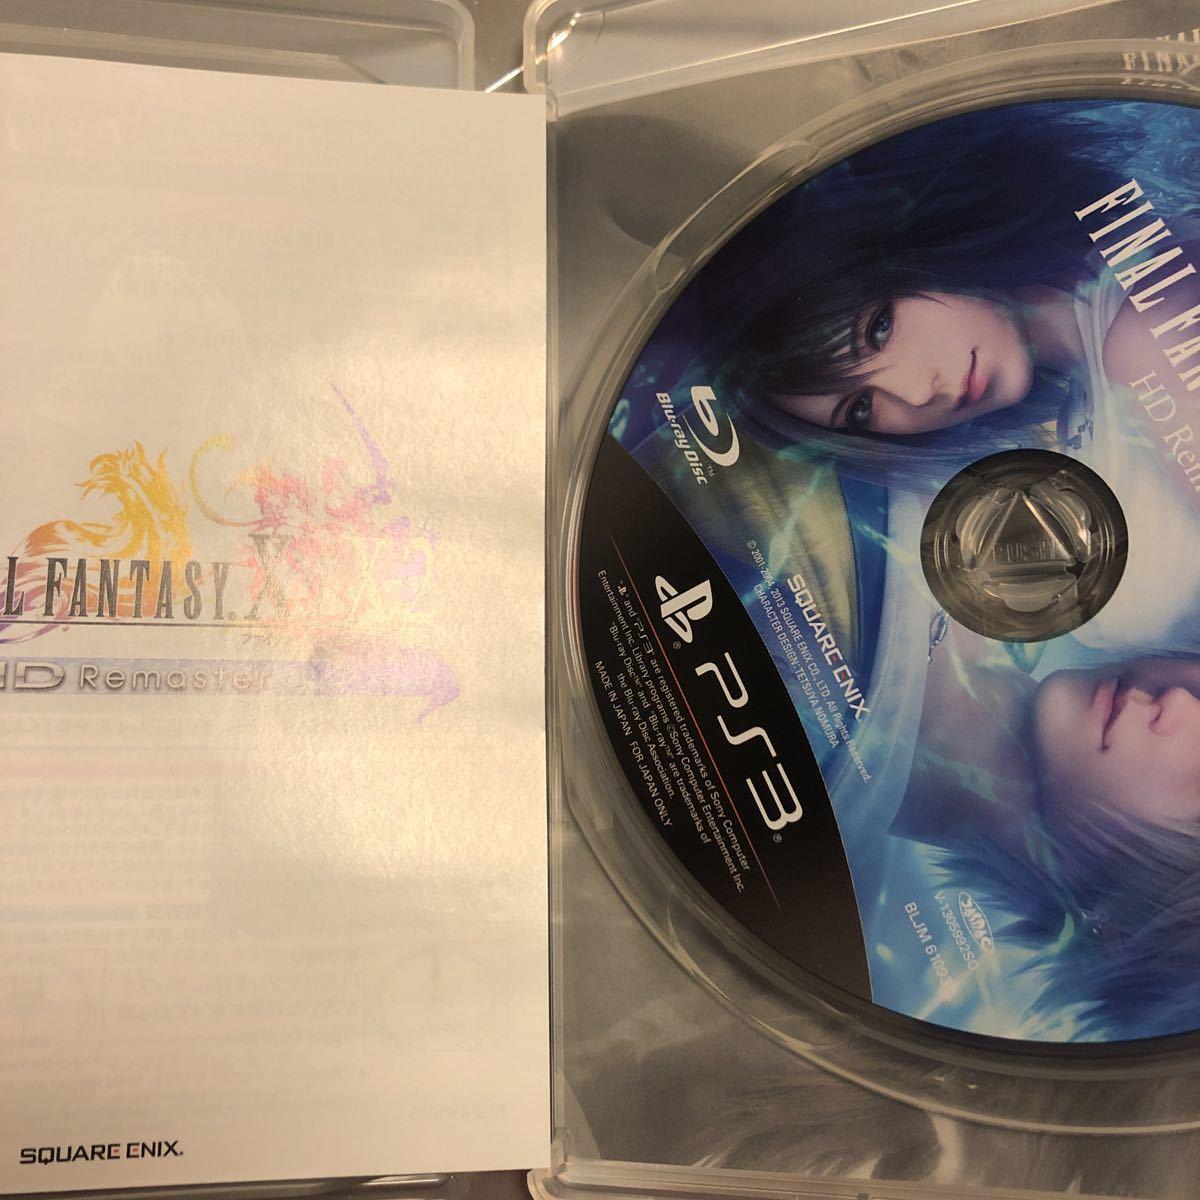 ◆送料無料◆PS3 ファイナルファンタジー X / X-2 HD リマスター FF 10 / 10-2 X-2 HD Remaster Playstation3 プレイステーション3◆即決◆